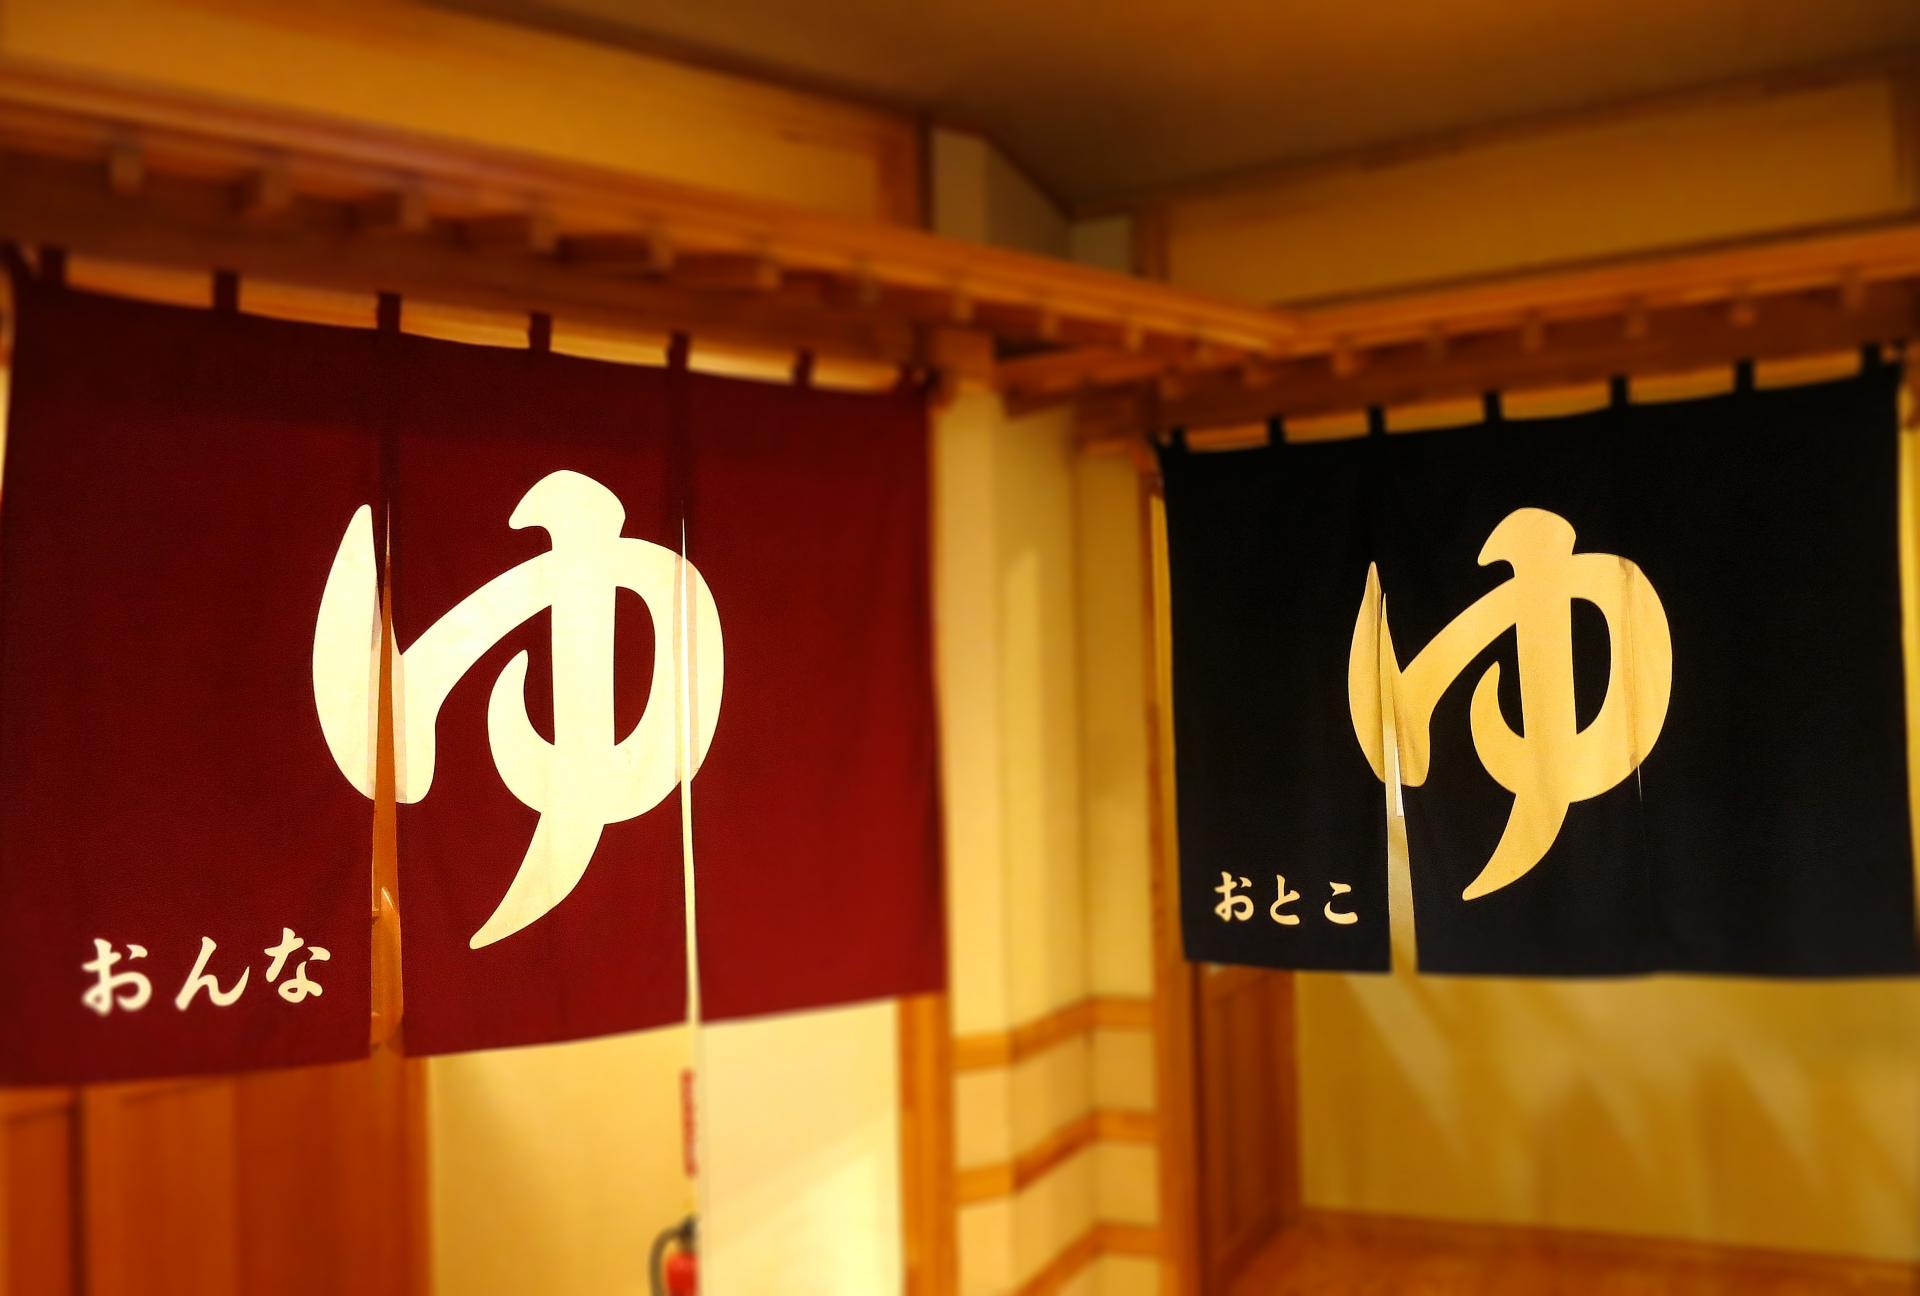 长野县内及周边的温泉